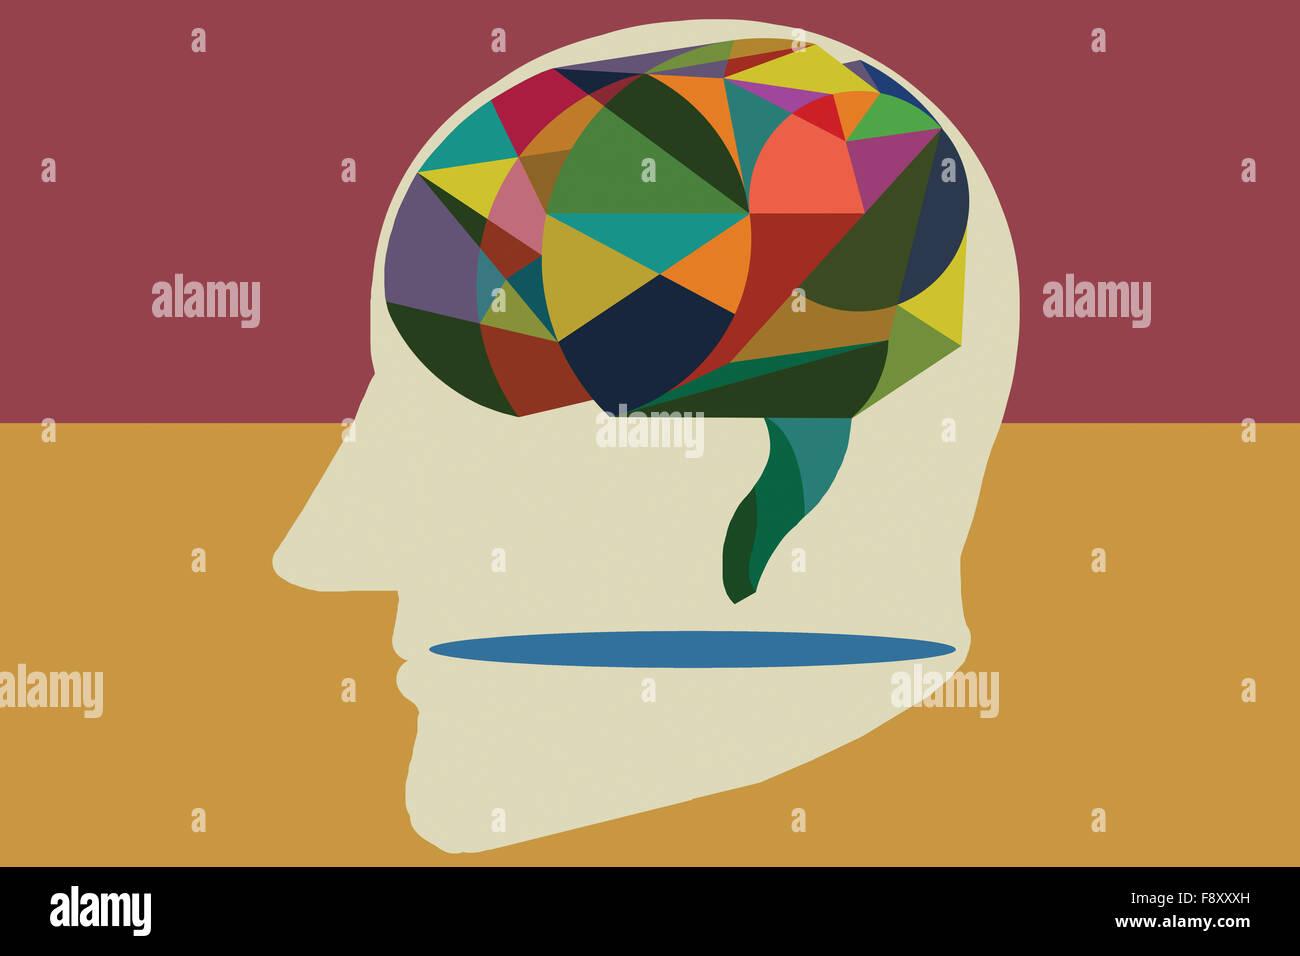 Cerebro Humano de estilo abstracto. Ilustración hecha a mano. Imagen De Stock